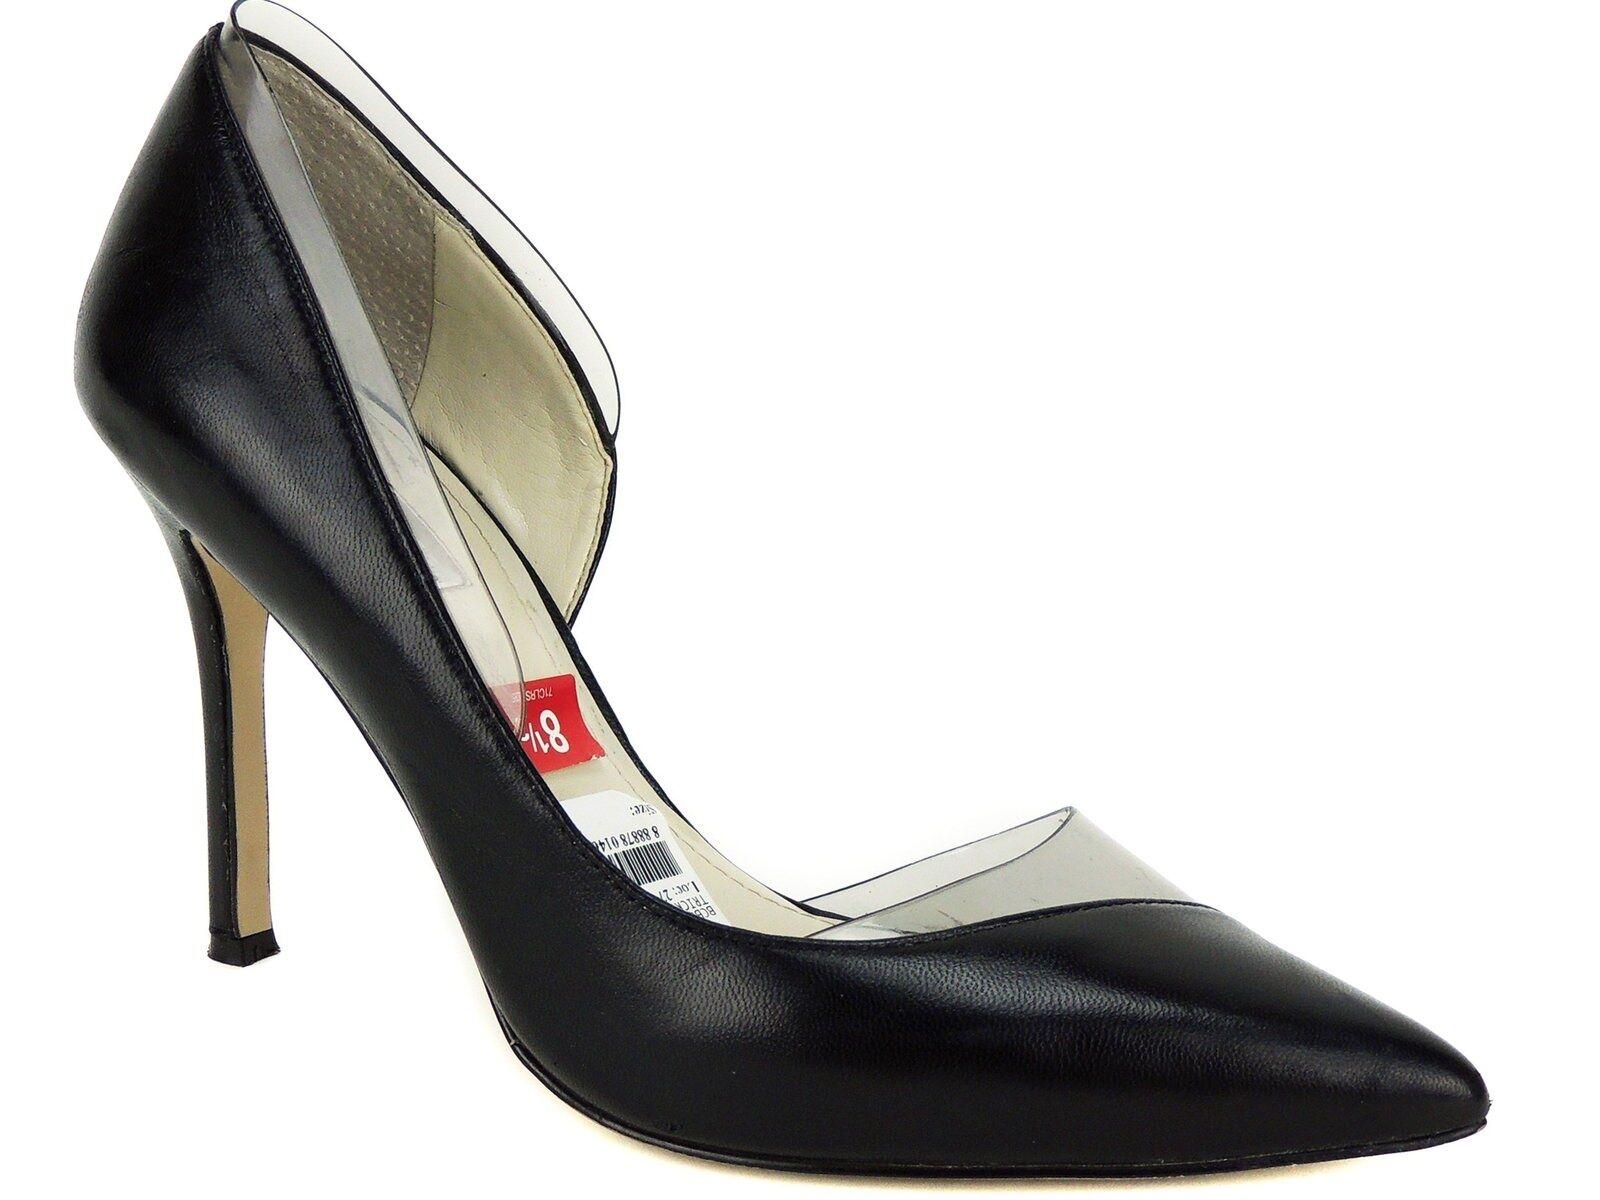 marchio famoso BCBGeneration Donna  Tricky d'Orsay d'Orsay d'Orsay Dress Pumps nero Smoke Leather Dimensione 8.5 M  garanzia di credito